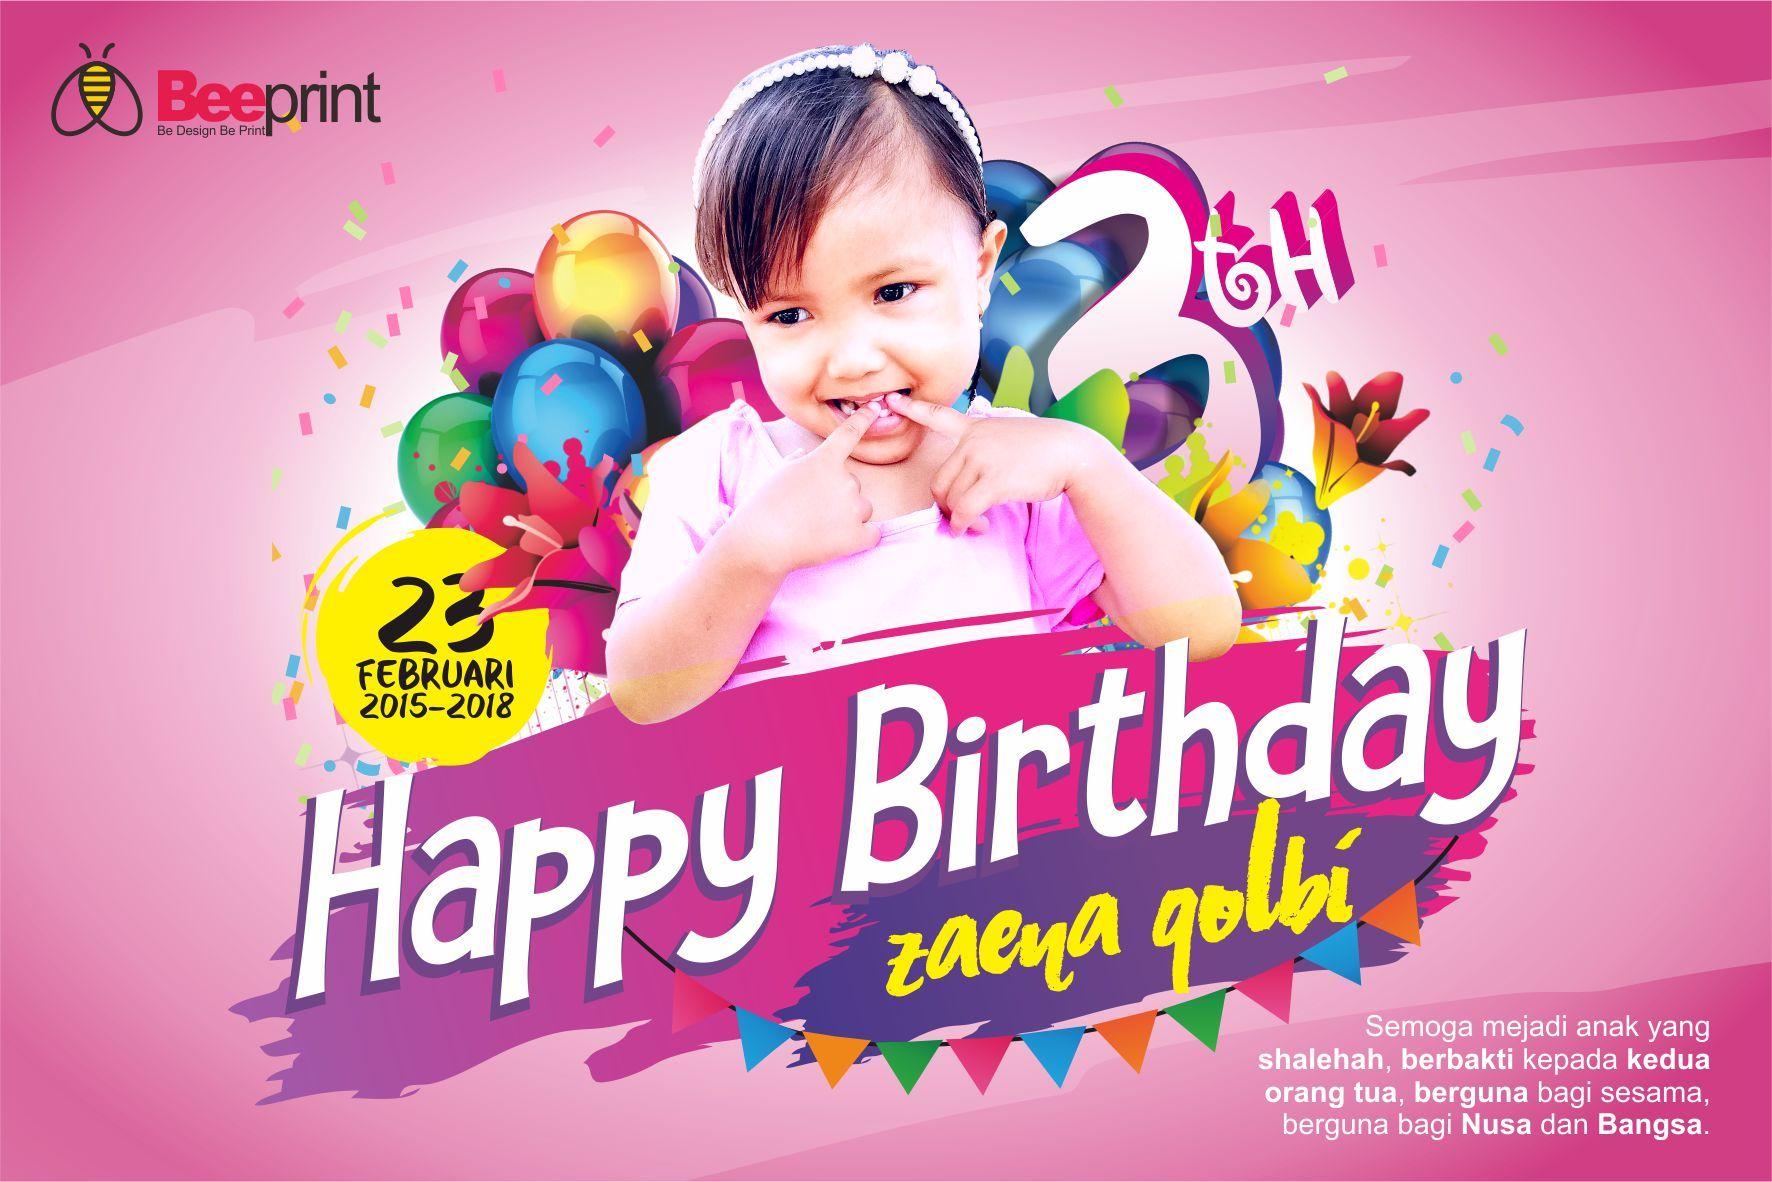 Download Gratis Contoh Banner Ulang Tahun Anak Full HD ...